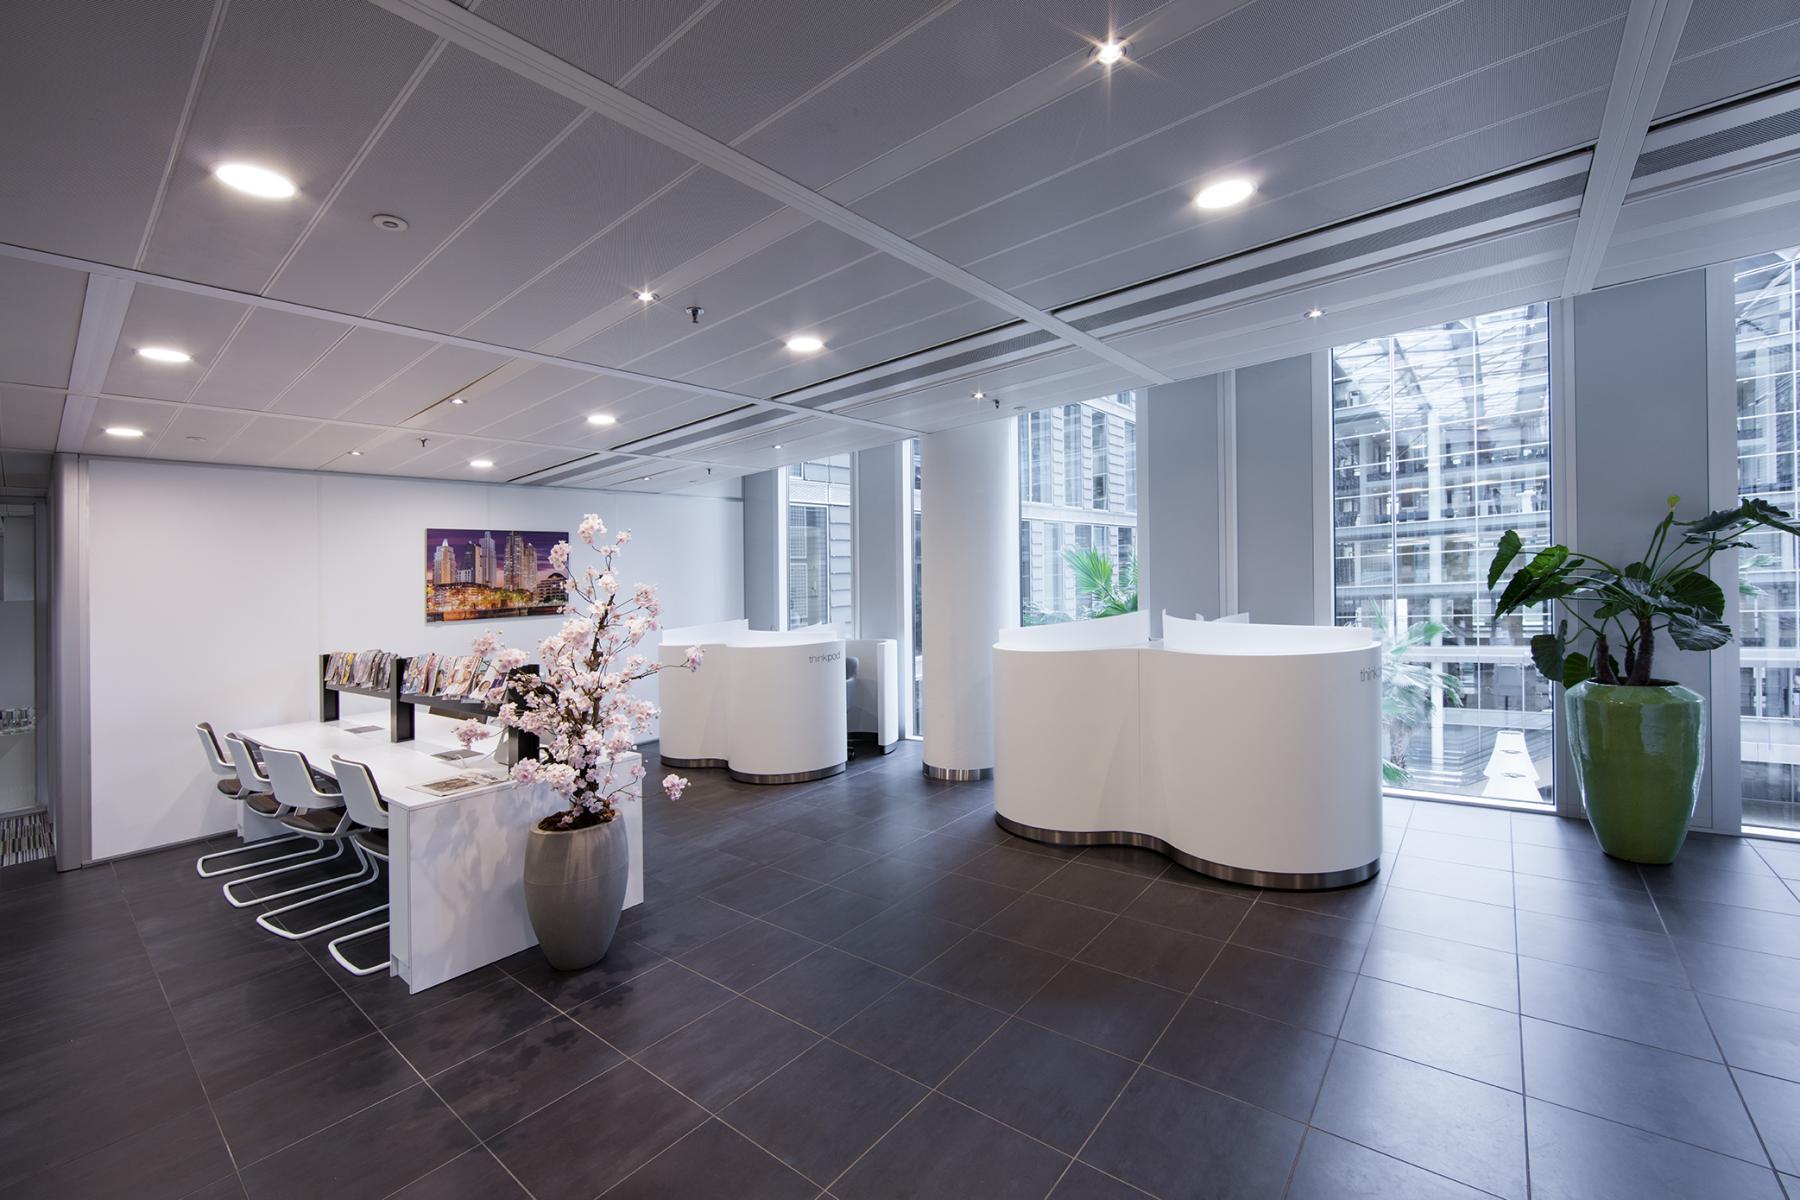 gemeenschappelijke algemene ruimte kantoorgebouw amsterdam zuidas lunchruimte ramen